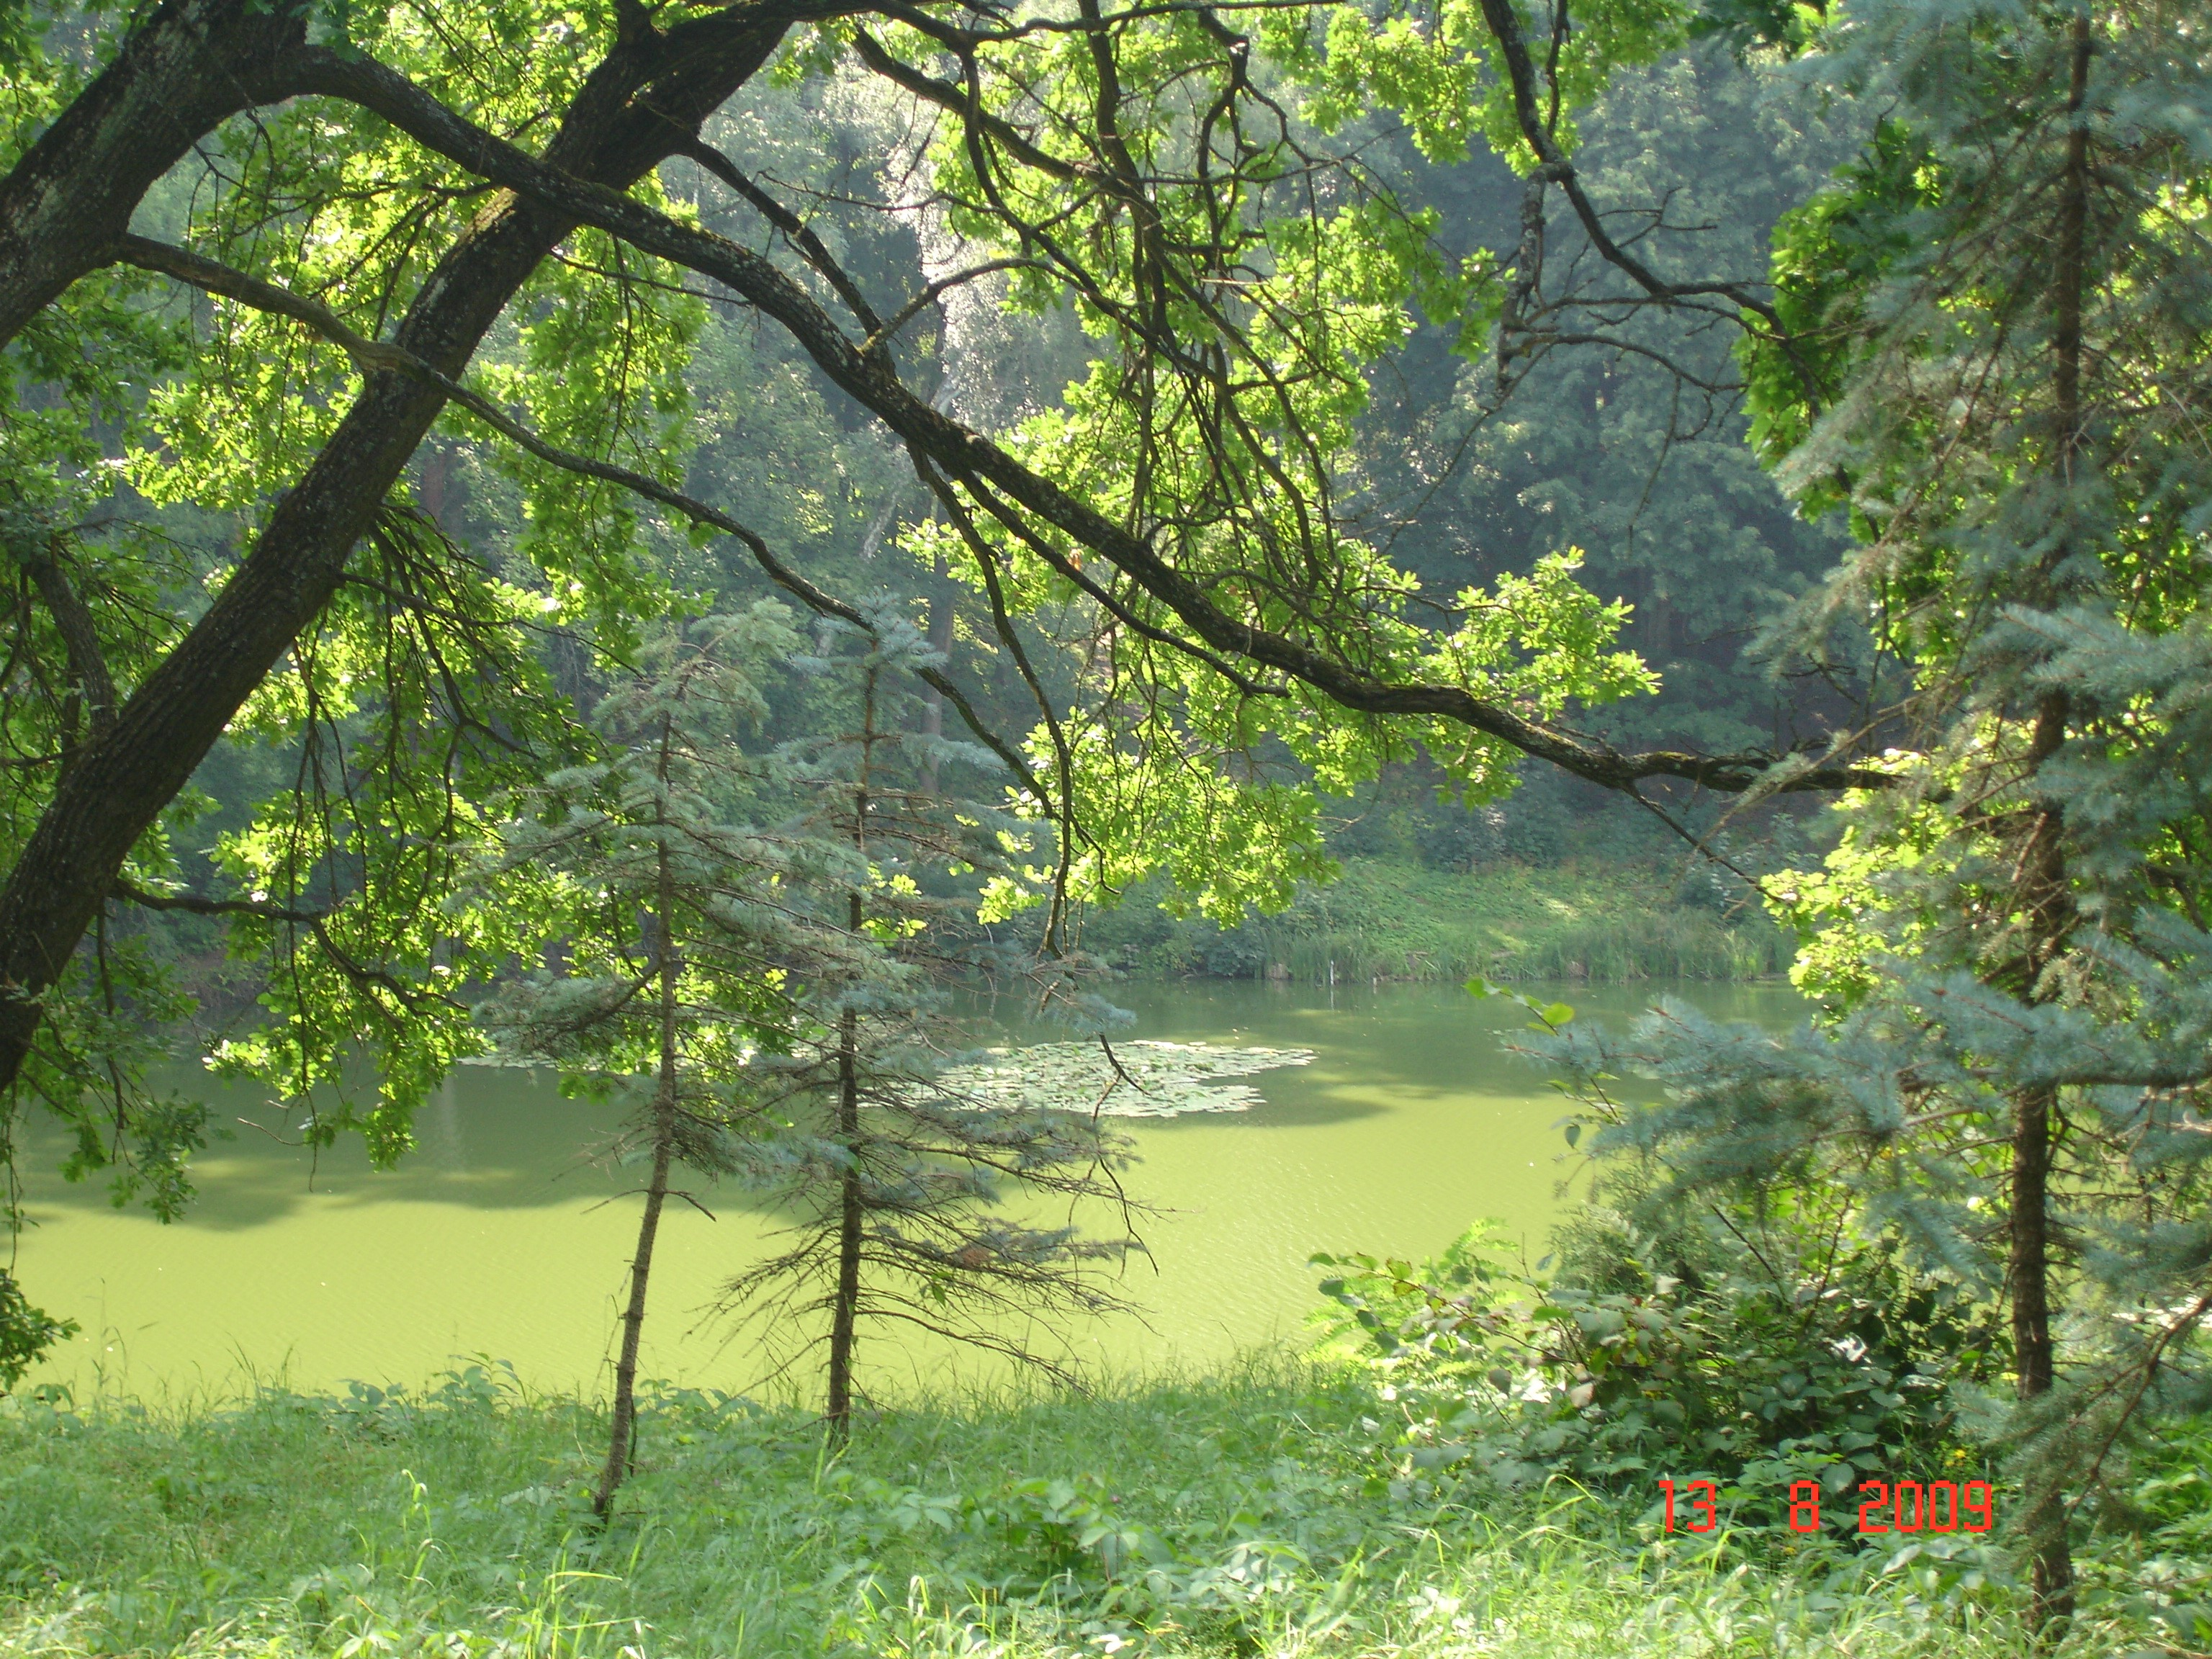 Селище Тростянець. Над одним зі ставів у дендрологічному парку